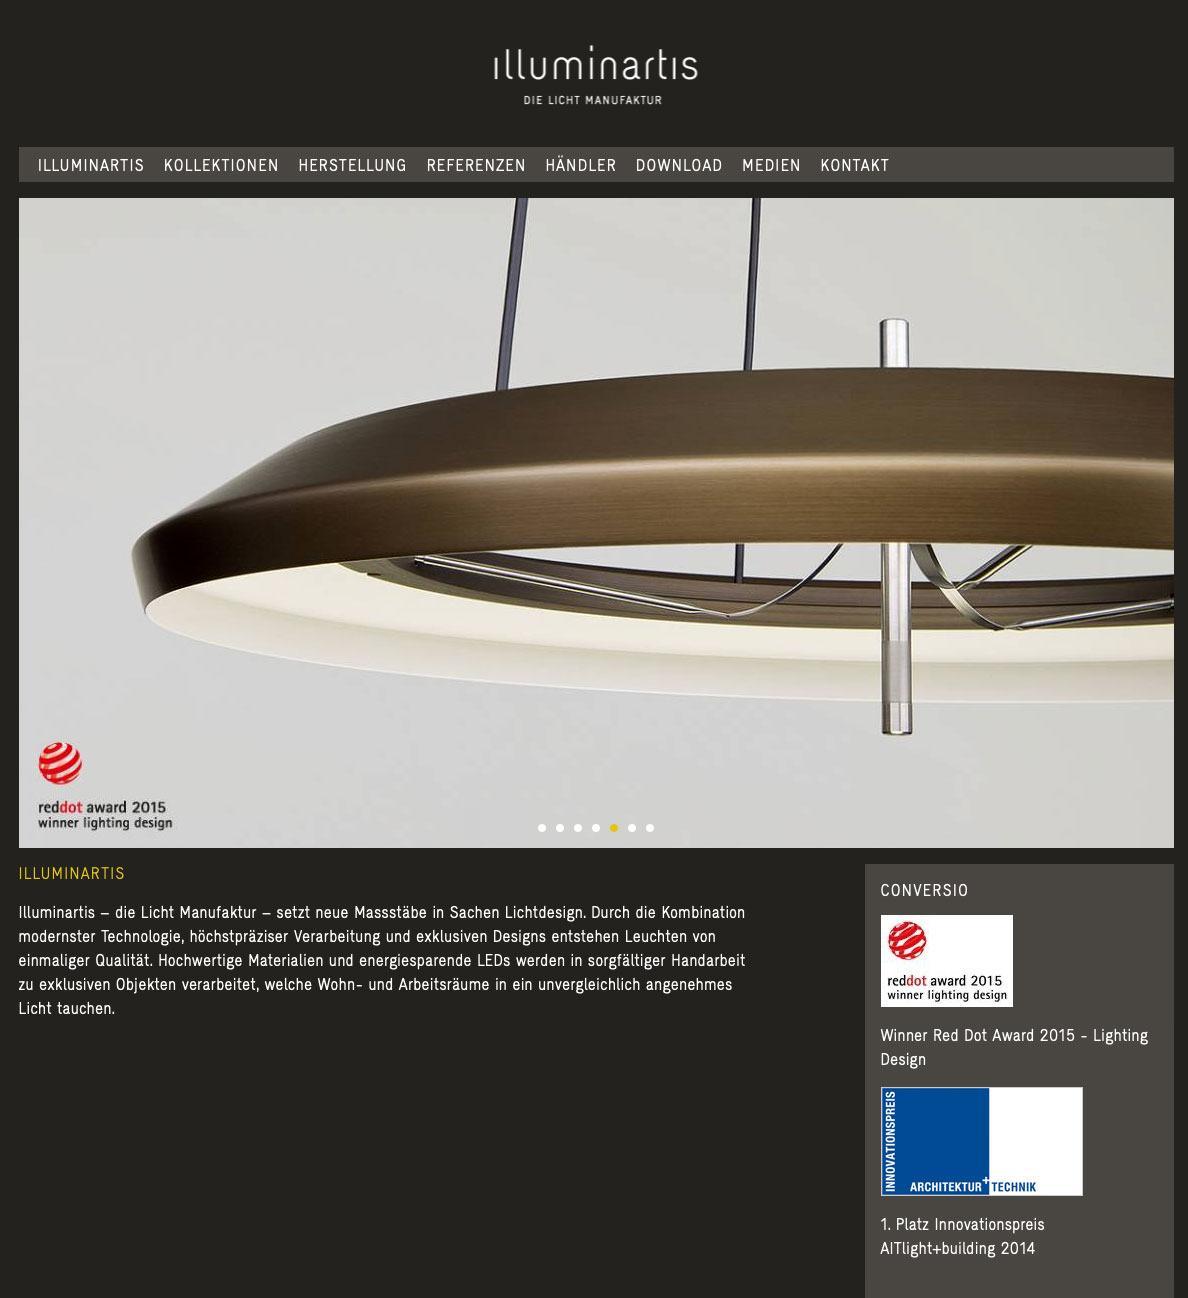 Werbefotografie-Produkte-Bern-Werbung-Referenz-Webseite